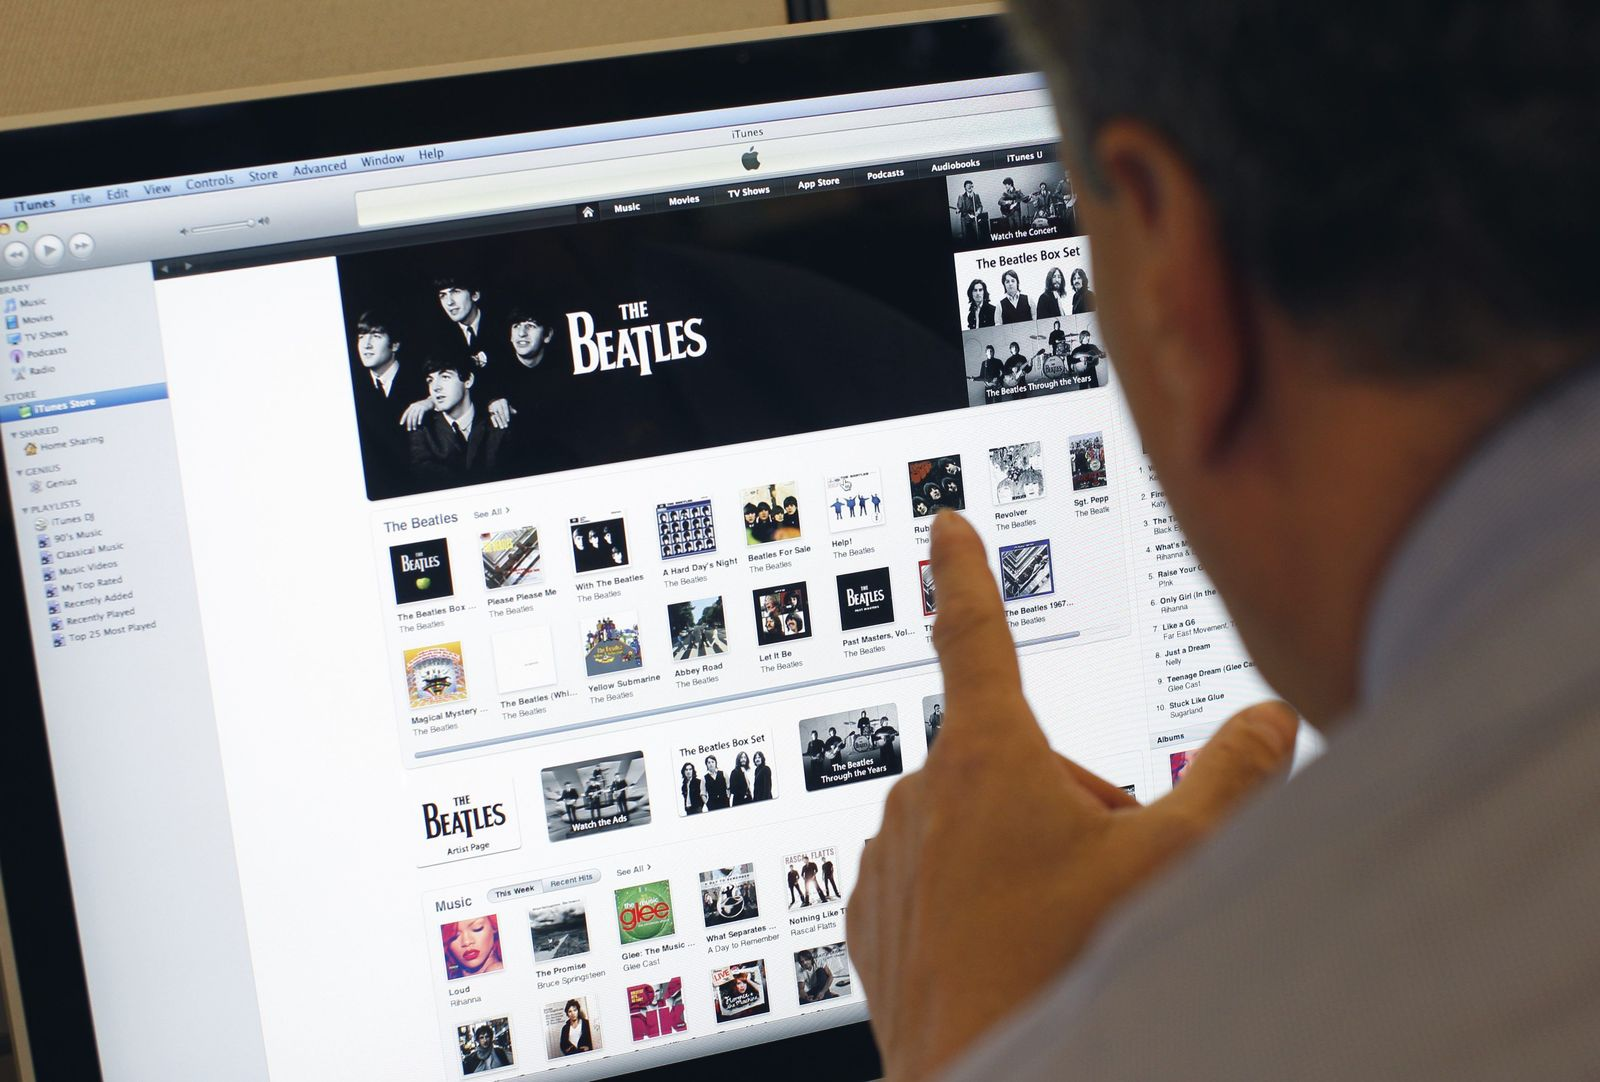 iTunes / Music / Apple